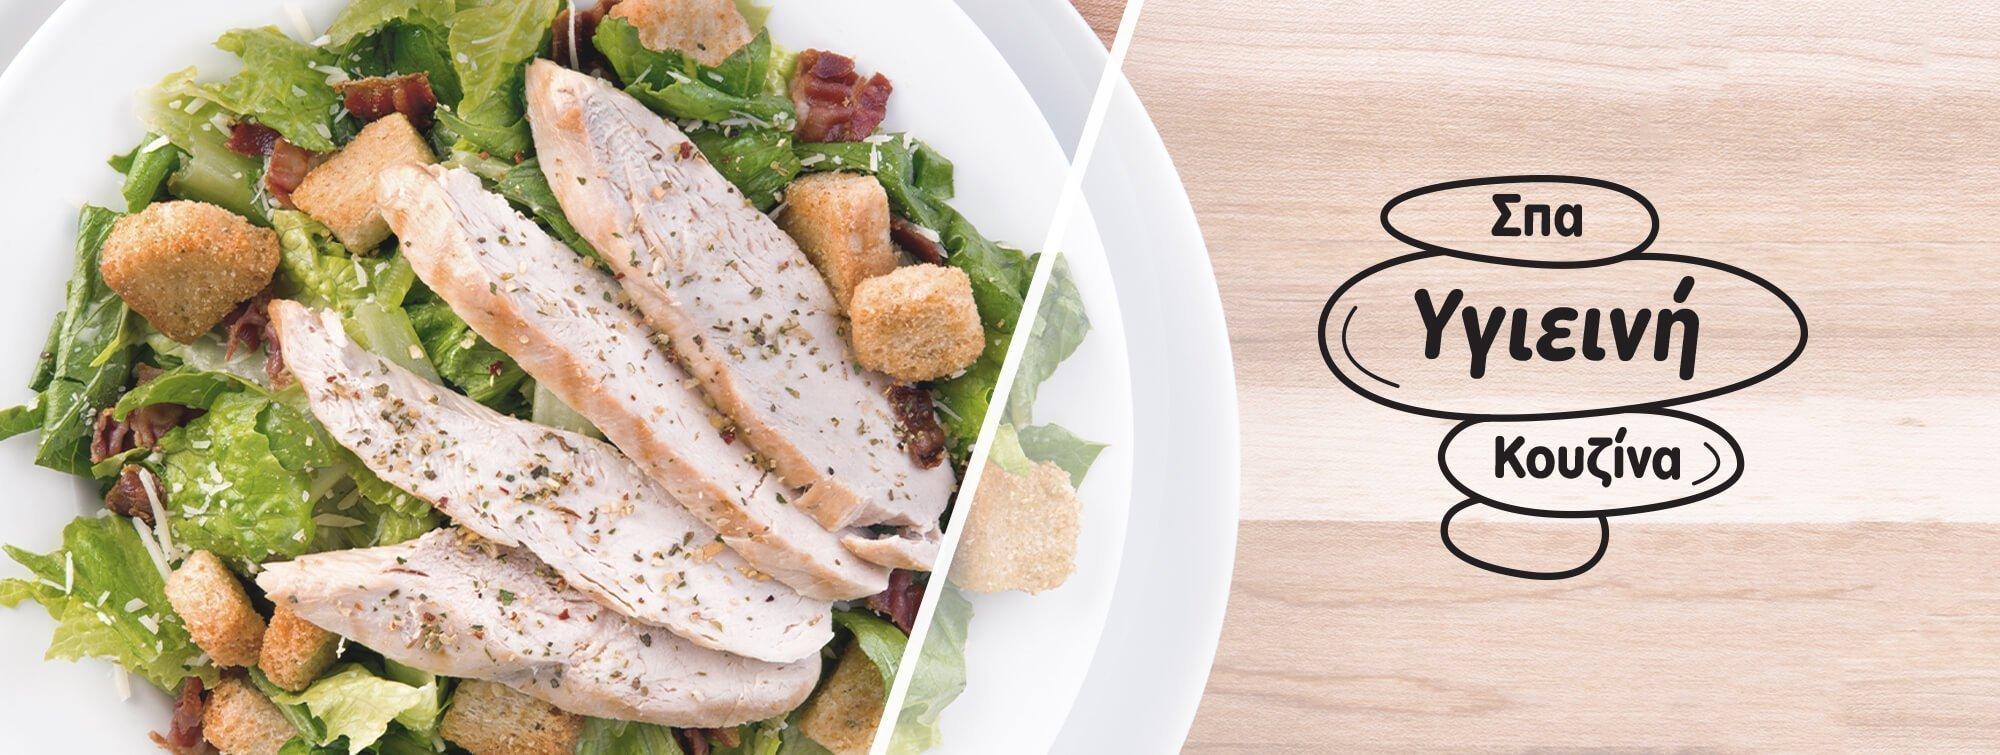 «Κουζίνα ΣΠΑ»: Υγιεινή, αποτοξινωτική και νόστιμη